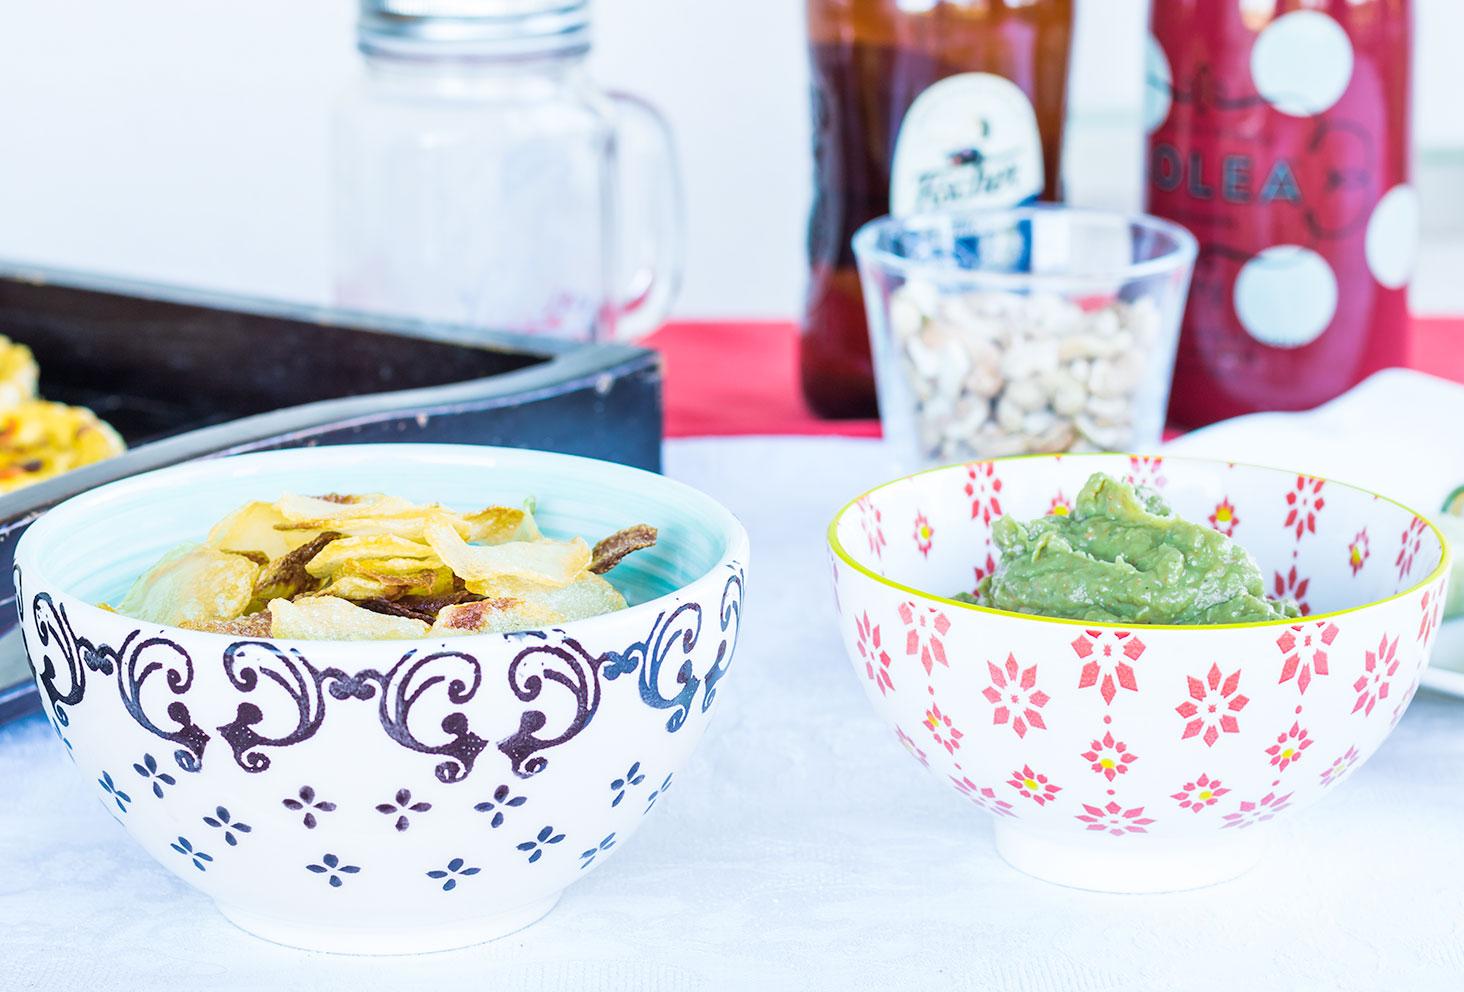 Guacamole d'avocats et chips au four maison pour les recettes de l'été